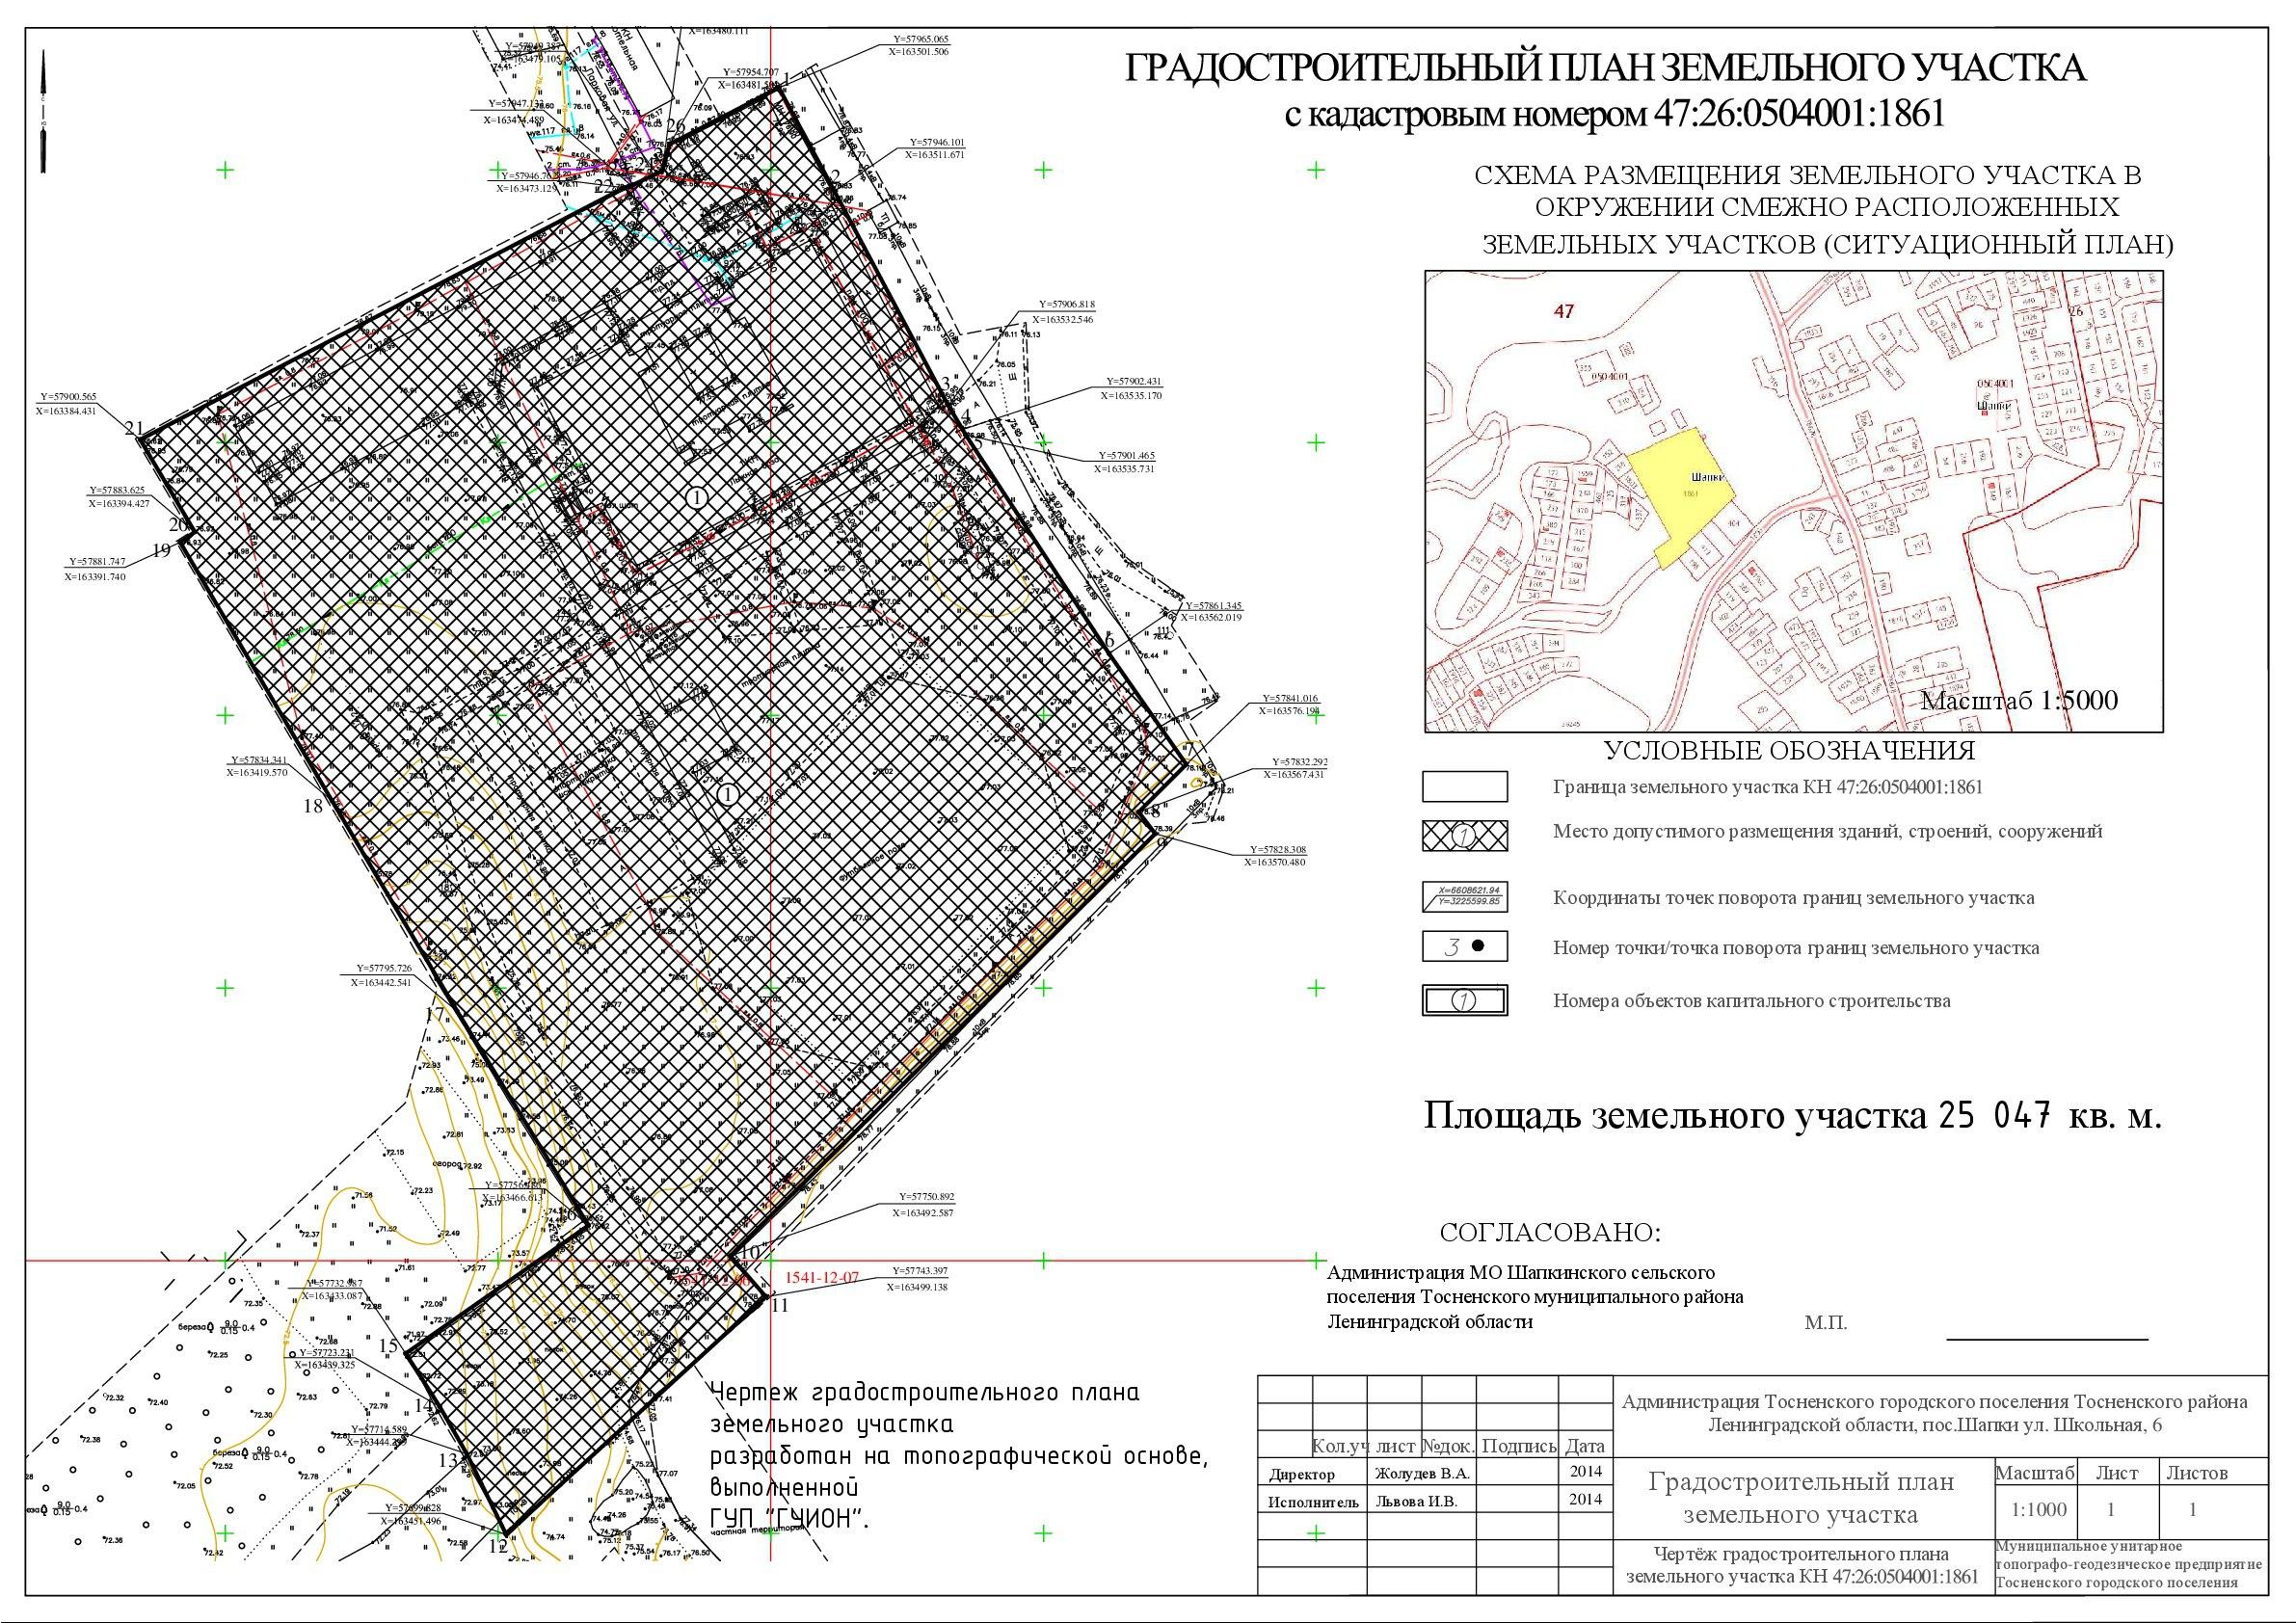 градостроительные планы выдаются на земельные участки